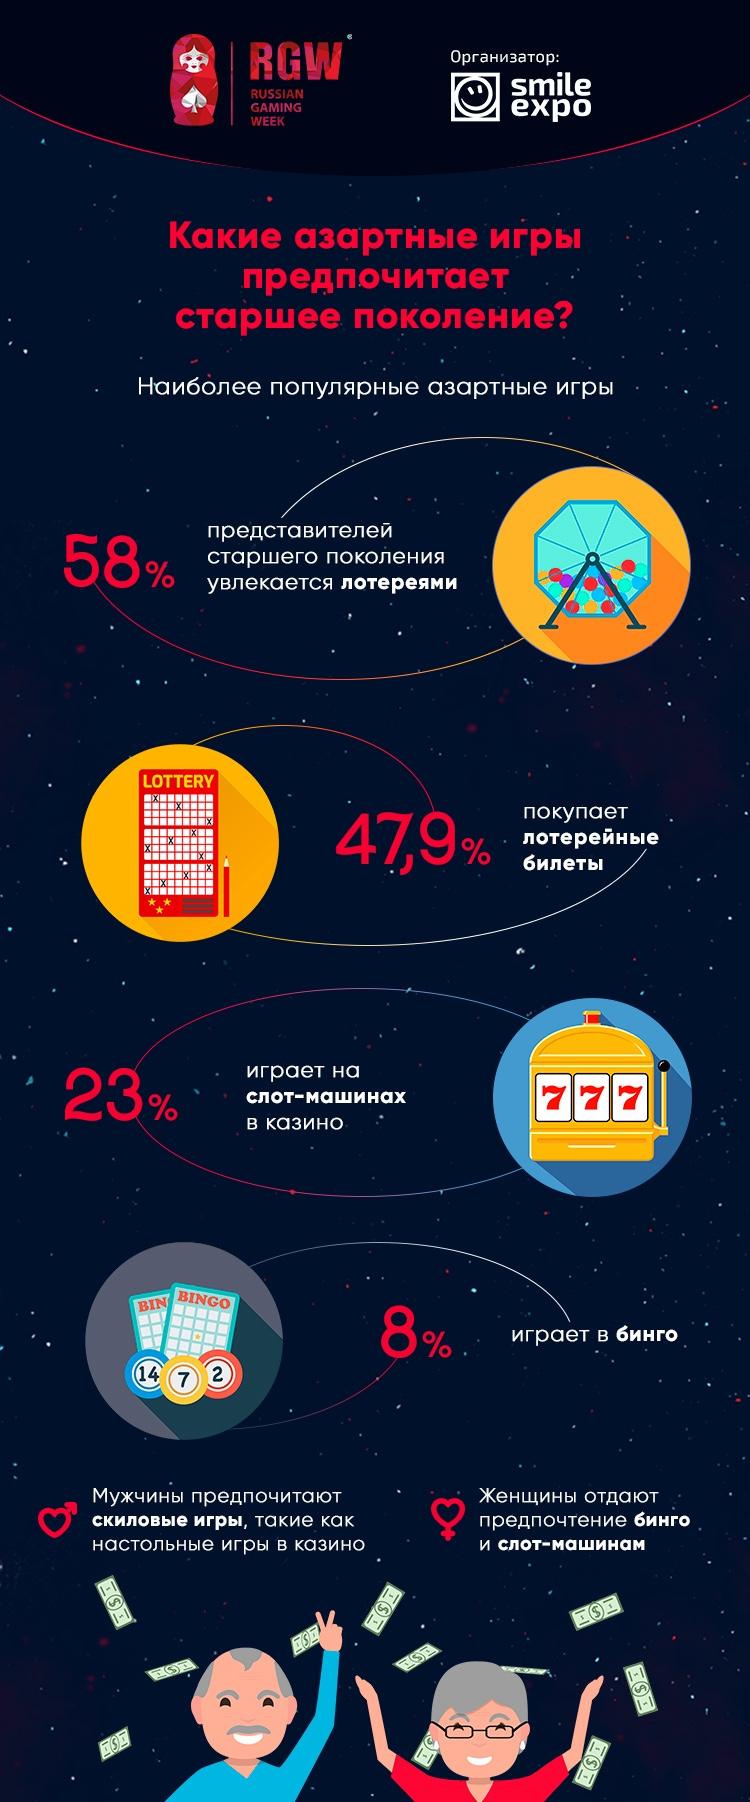 Игорные предпочтения старшего поколения. Инфографика - RGW